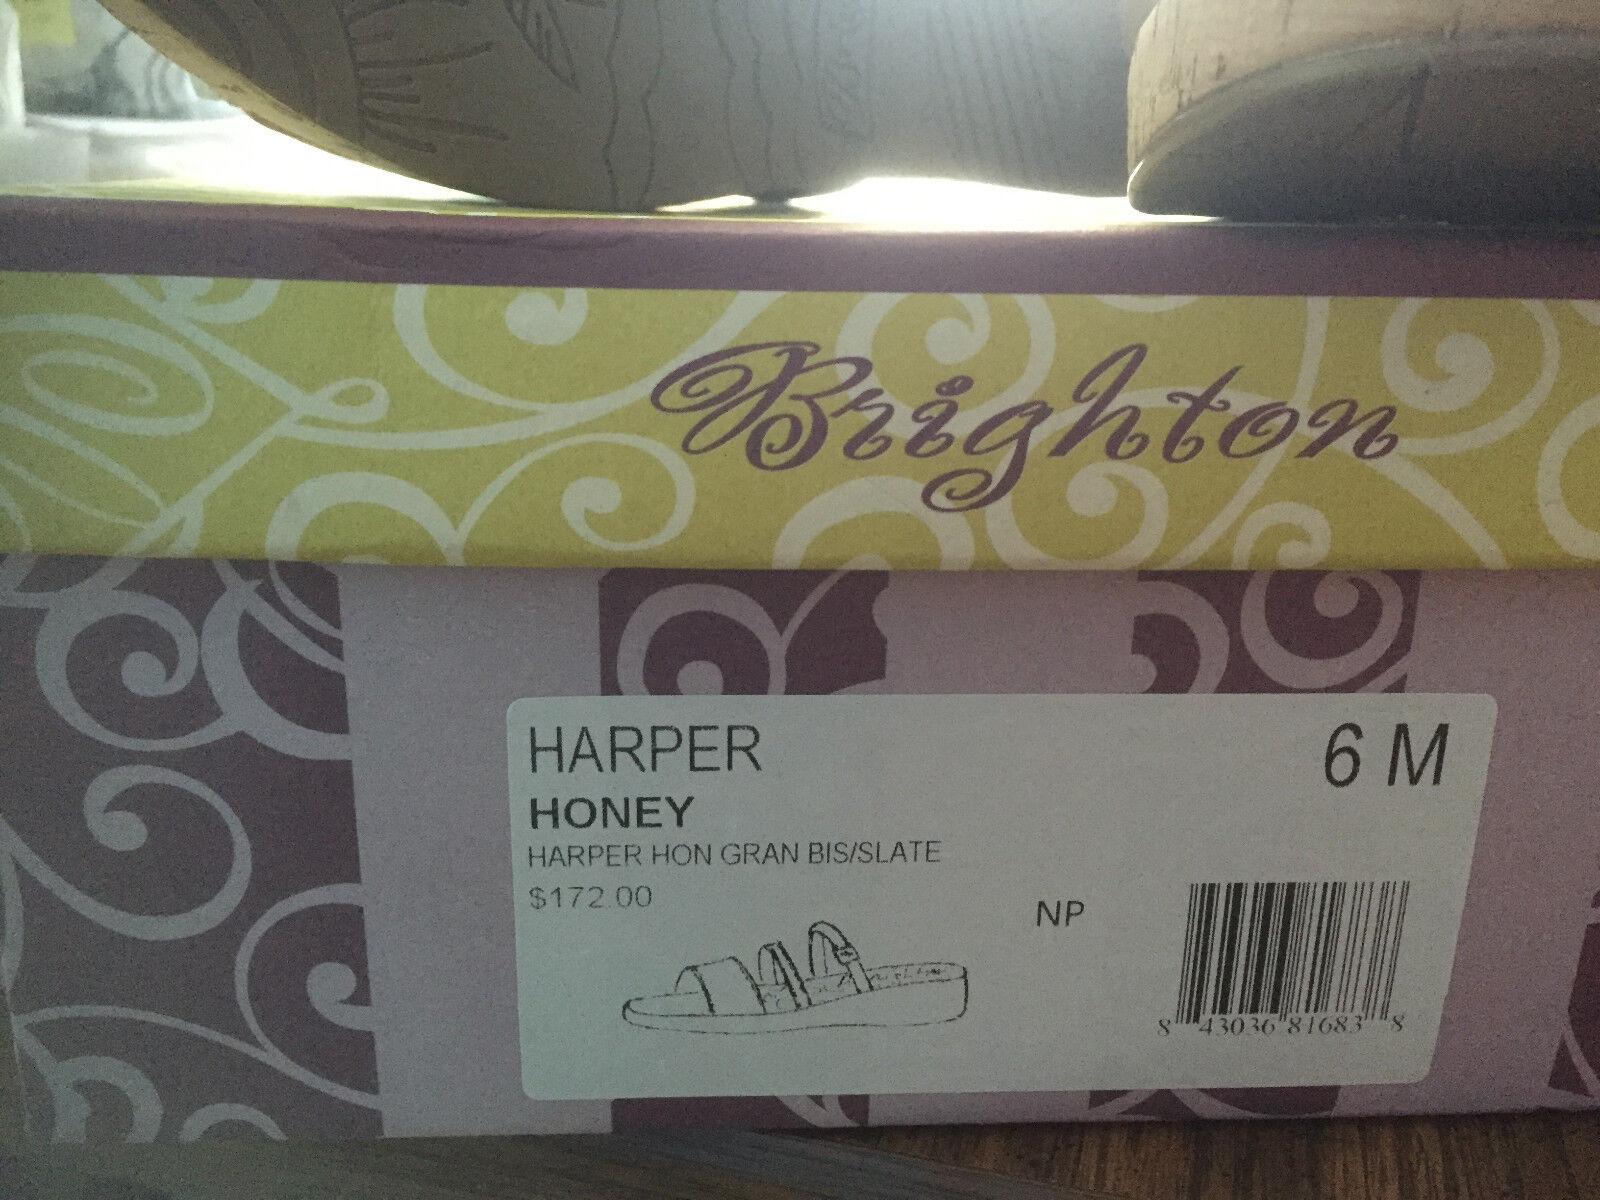 BRIGHTON Comfy HARPER Wedge Schuhe neutral HONEY Leder Wedge HARPER Sandales SLIDES Siz 6 NEW 0fe3c8